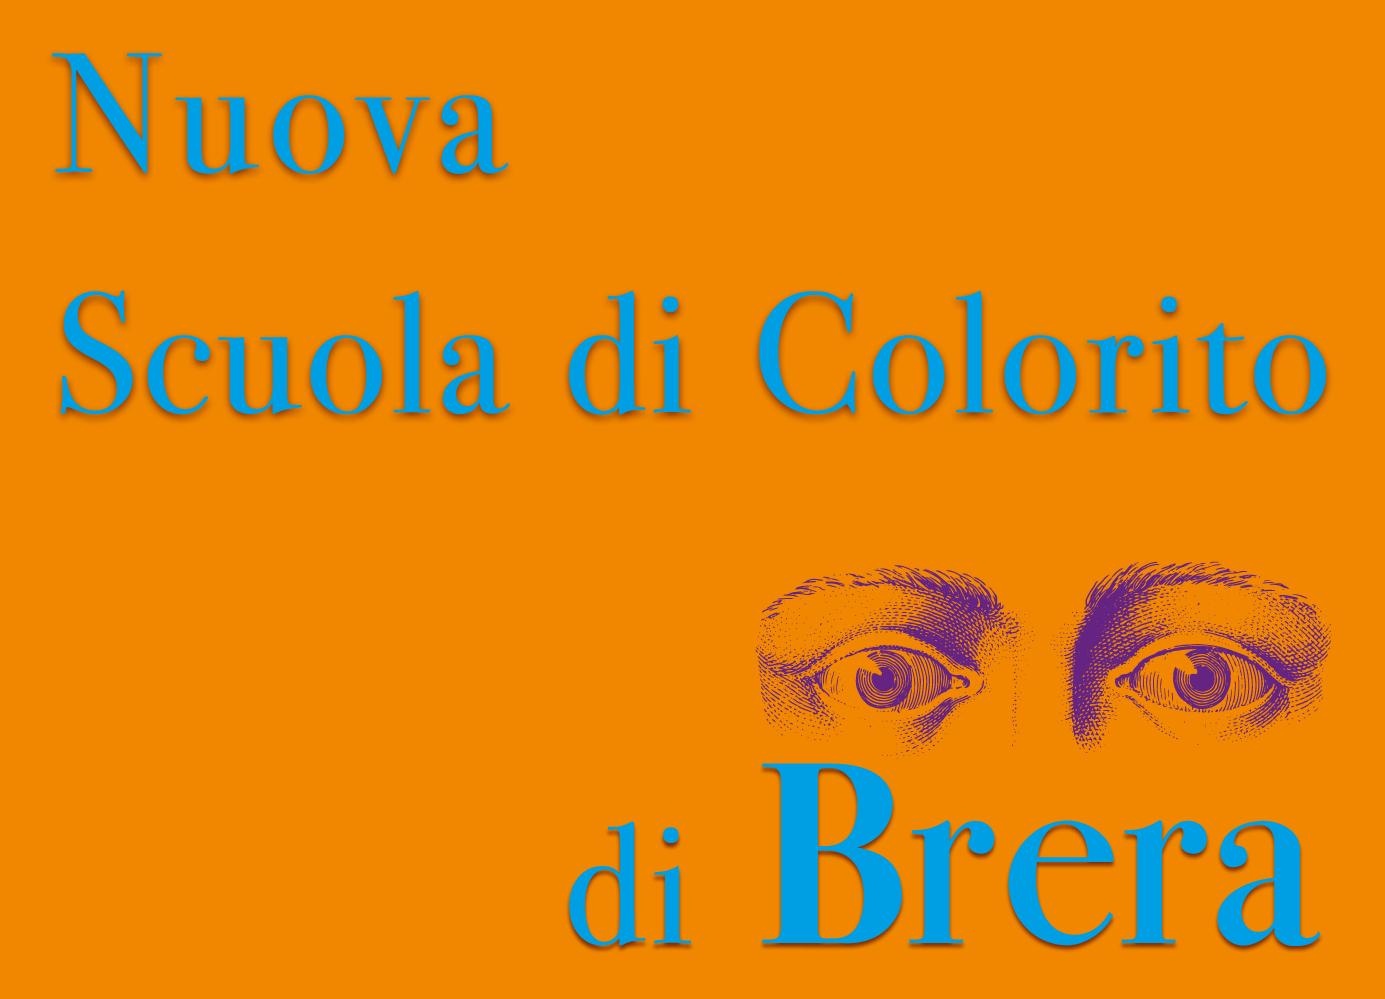 Ignazio Gadaleta, Nuova Scuola di Colorito di Brera, logo